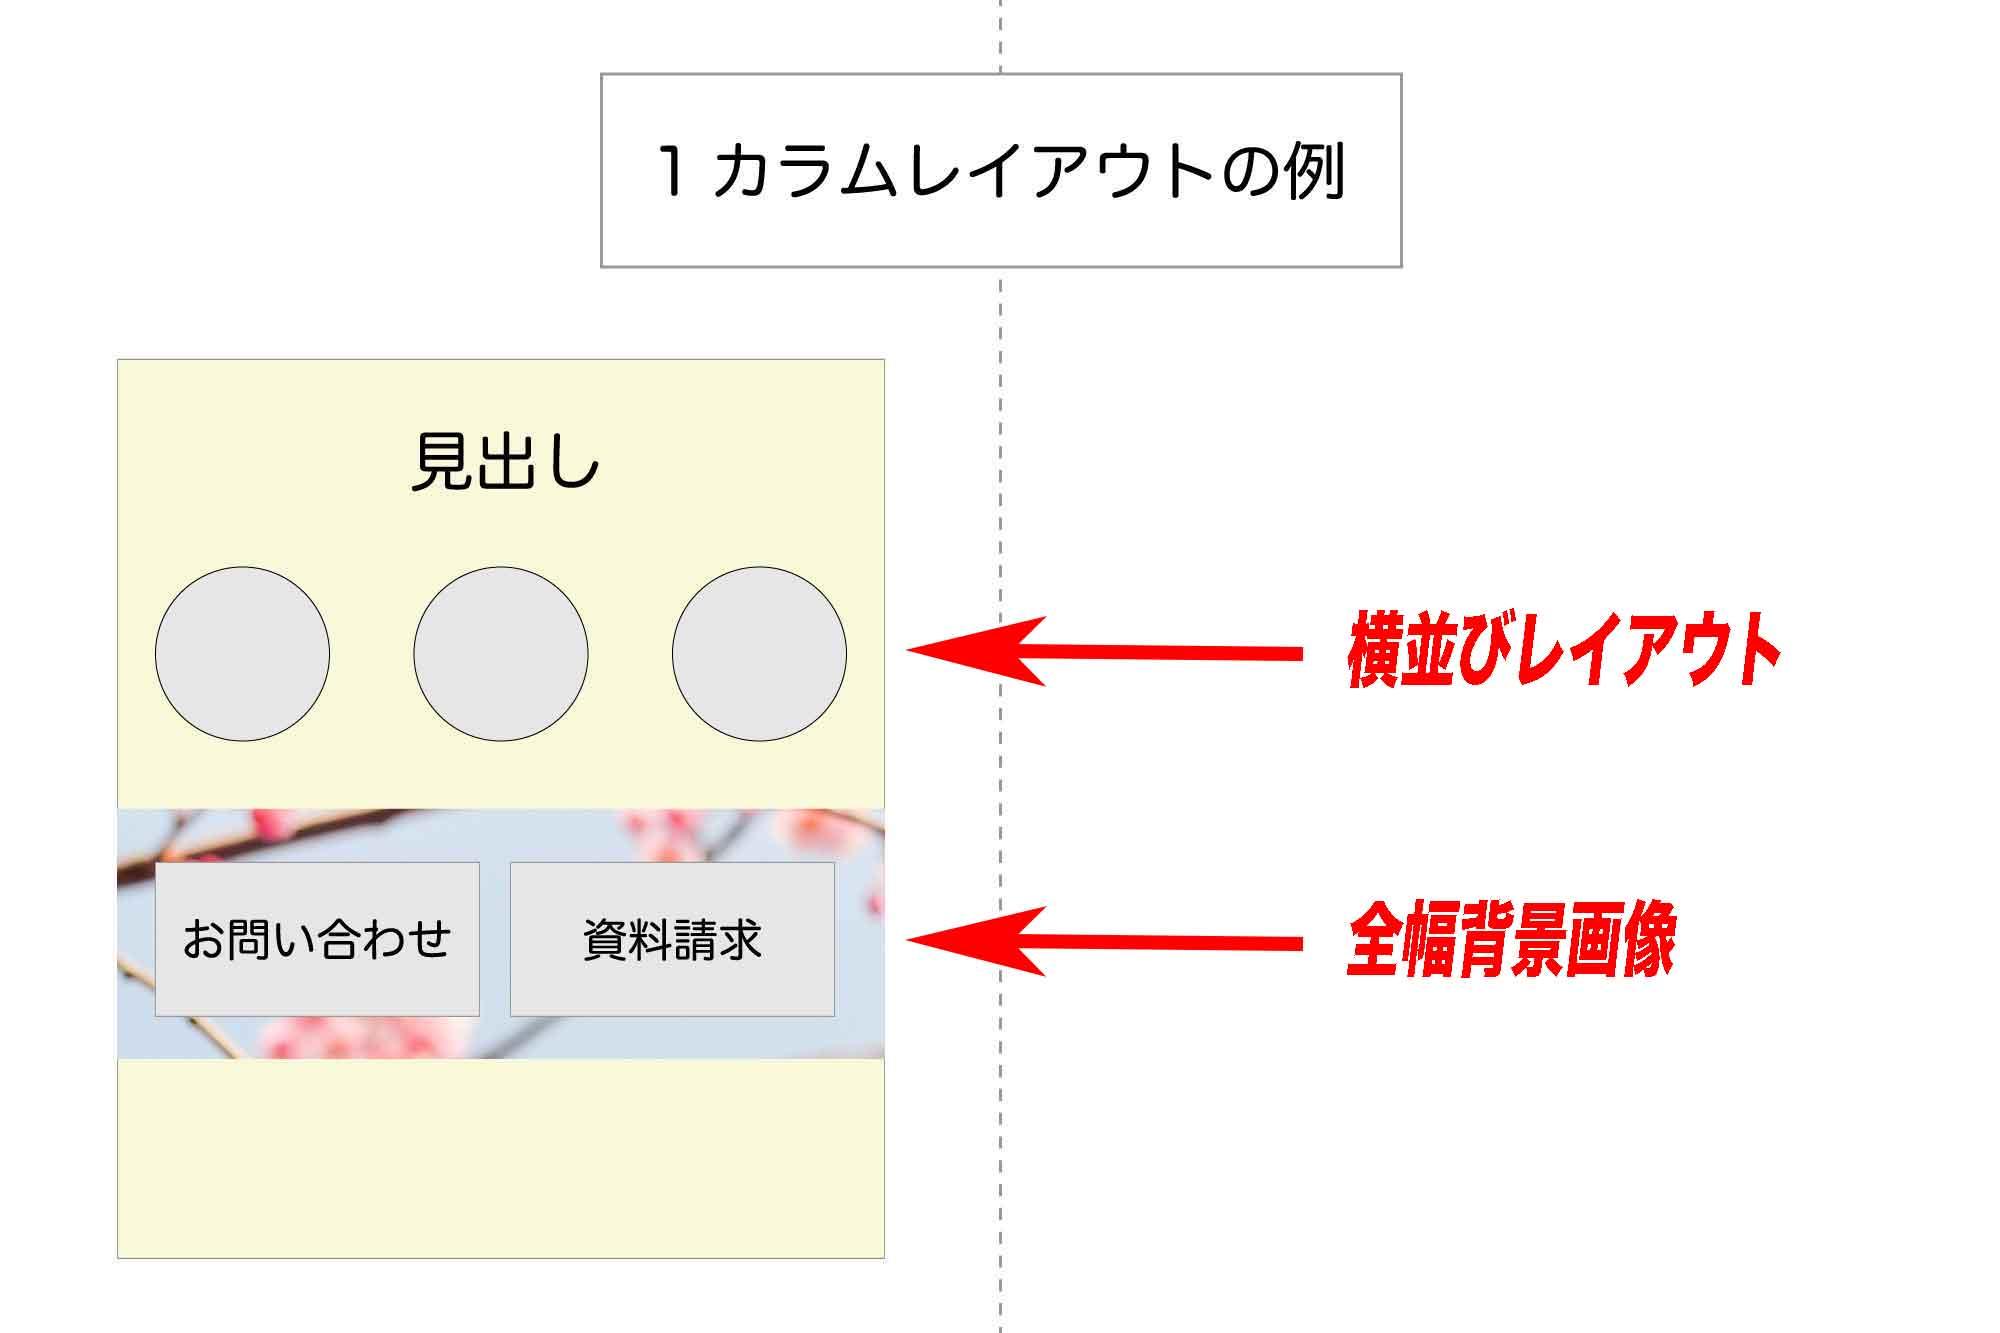 1カラムレイアウトのデザイン例